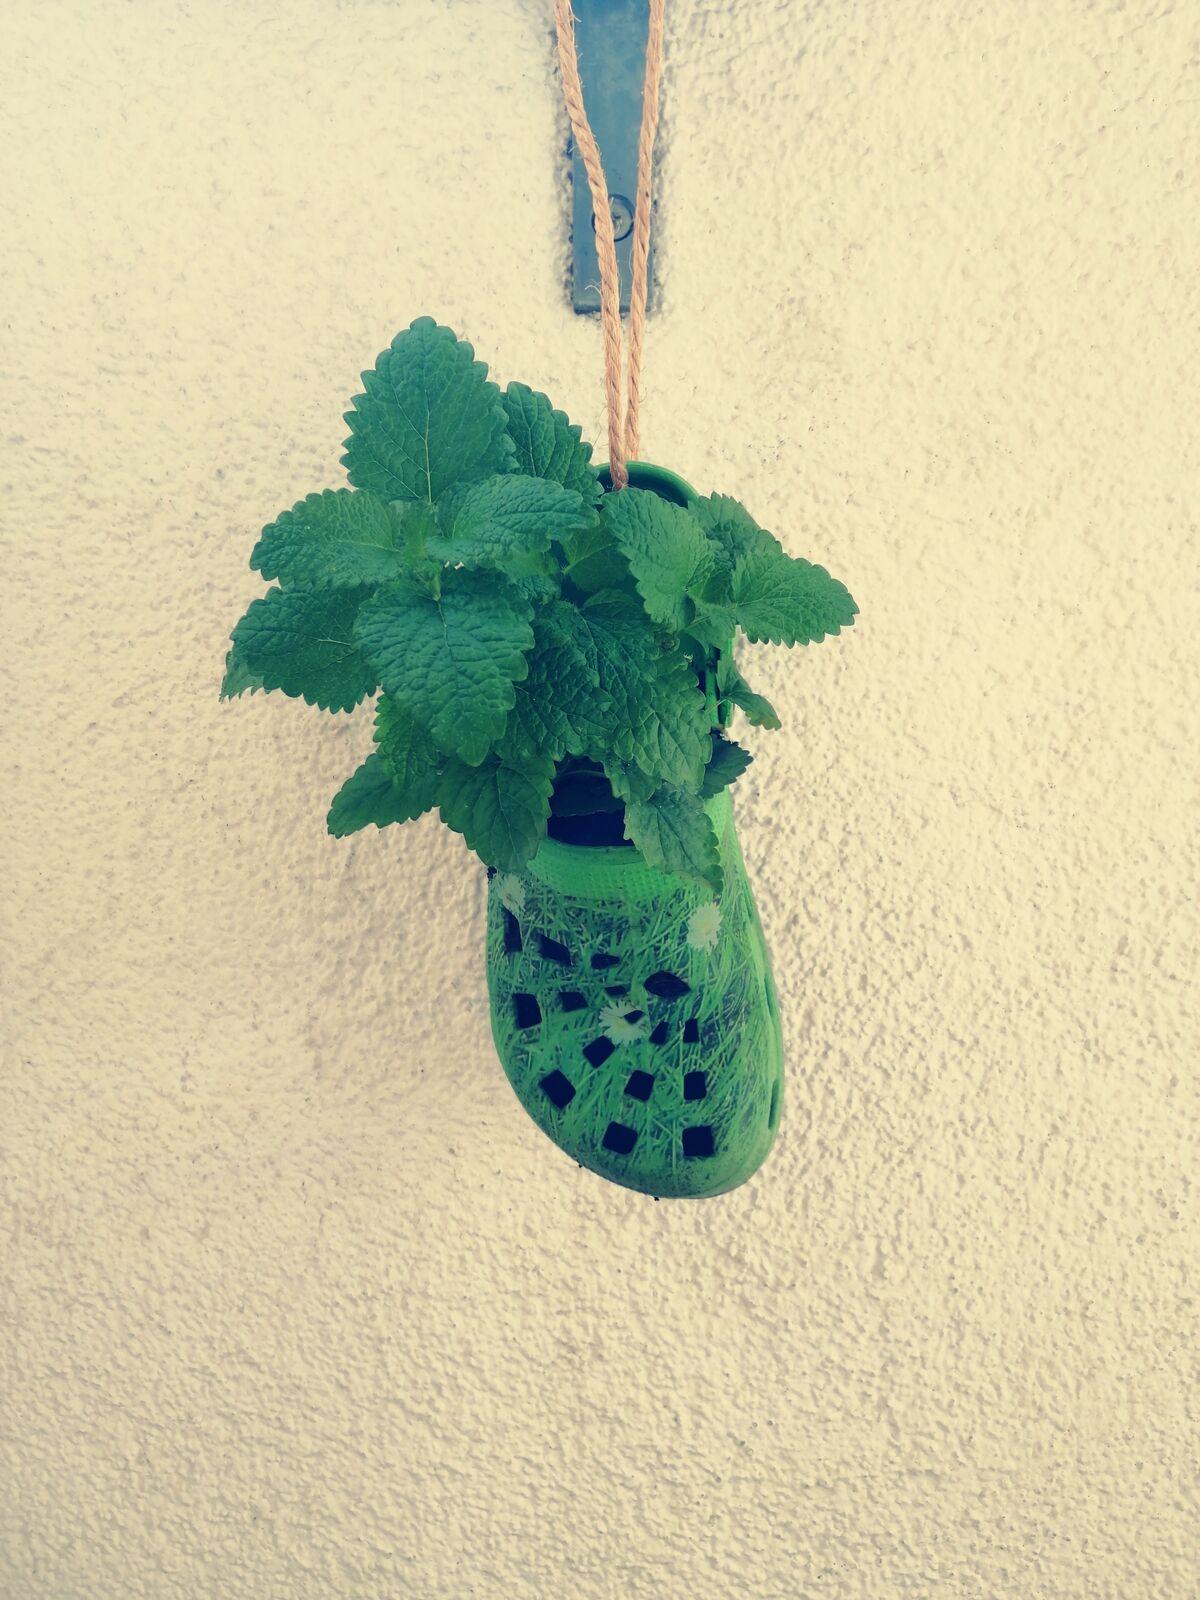 Einzelner, grüner Gartenschuh, beflanz mit Zitronenmelisse an einem Sein hängend als Blumentopf